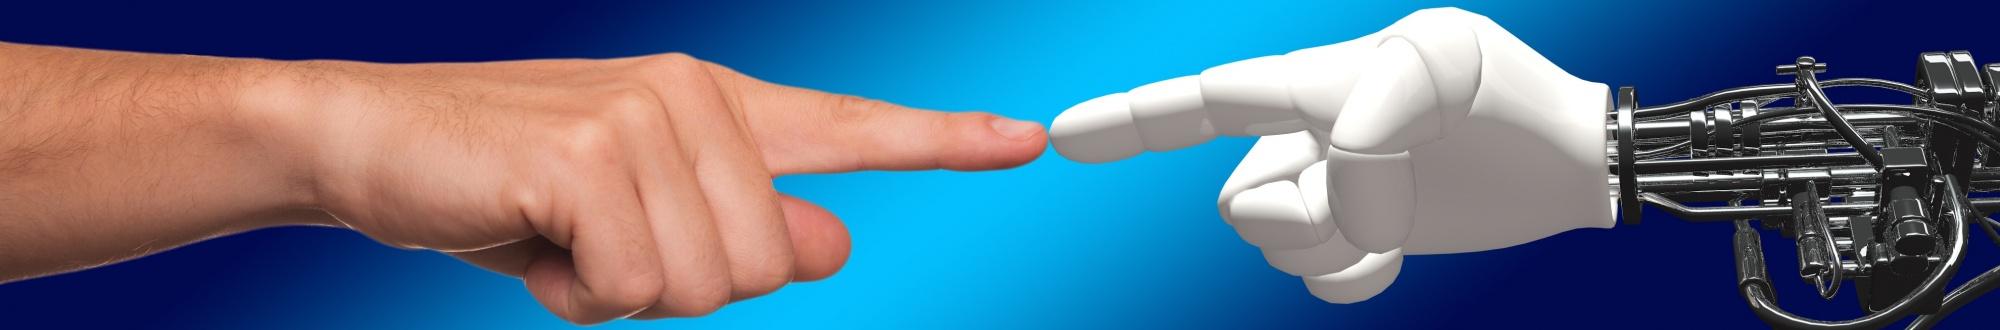 Service Roboter für Gesundheitswesen, Industrie-, oder Gewerbe-